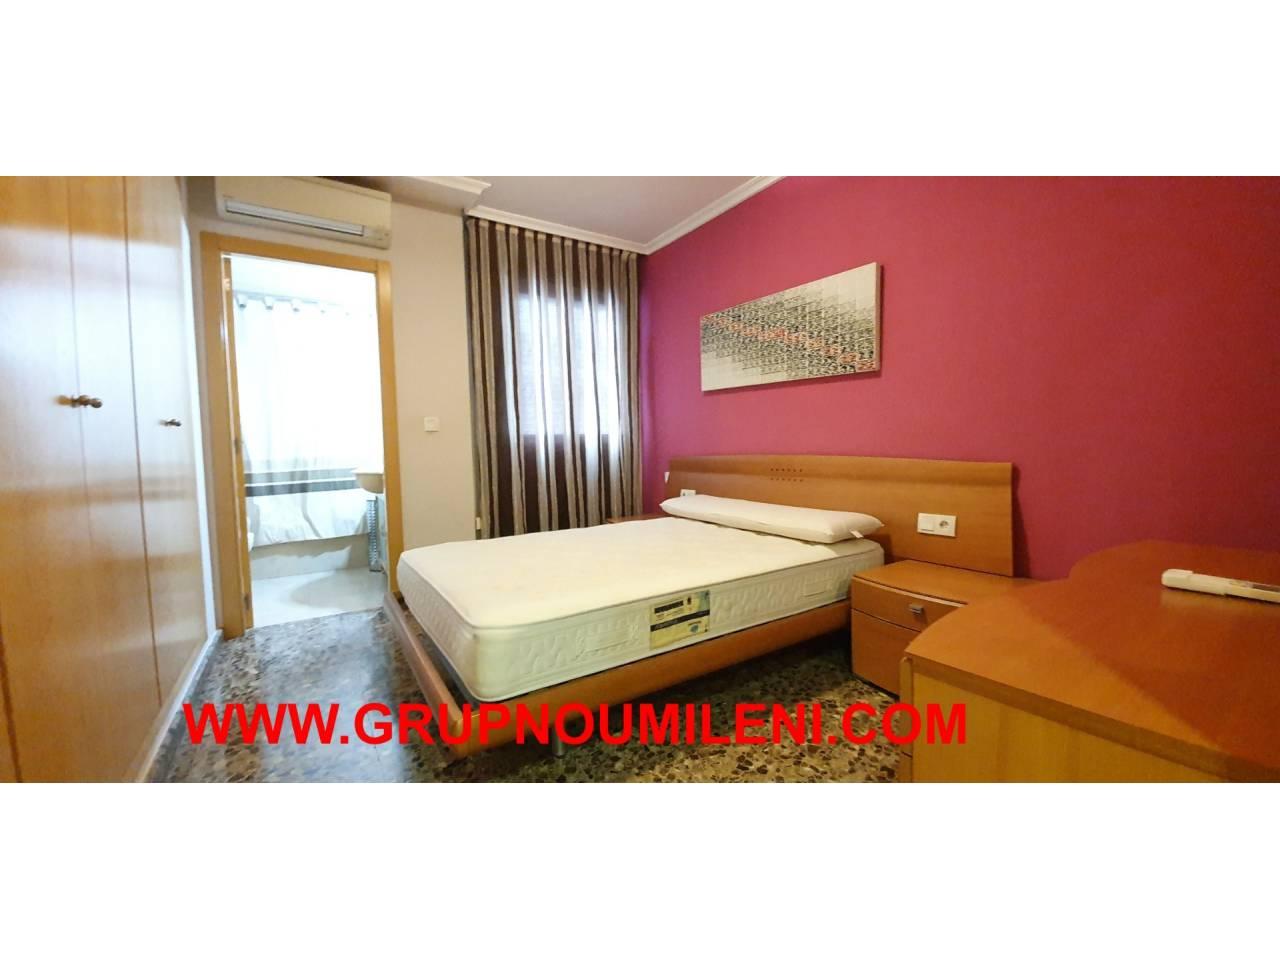 Miete Etagenwohnung  Benetússer. Altura piso 2º, piso superficie total 90 m², superficie útil 85